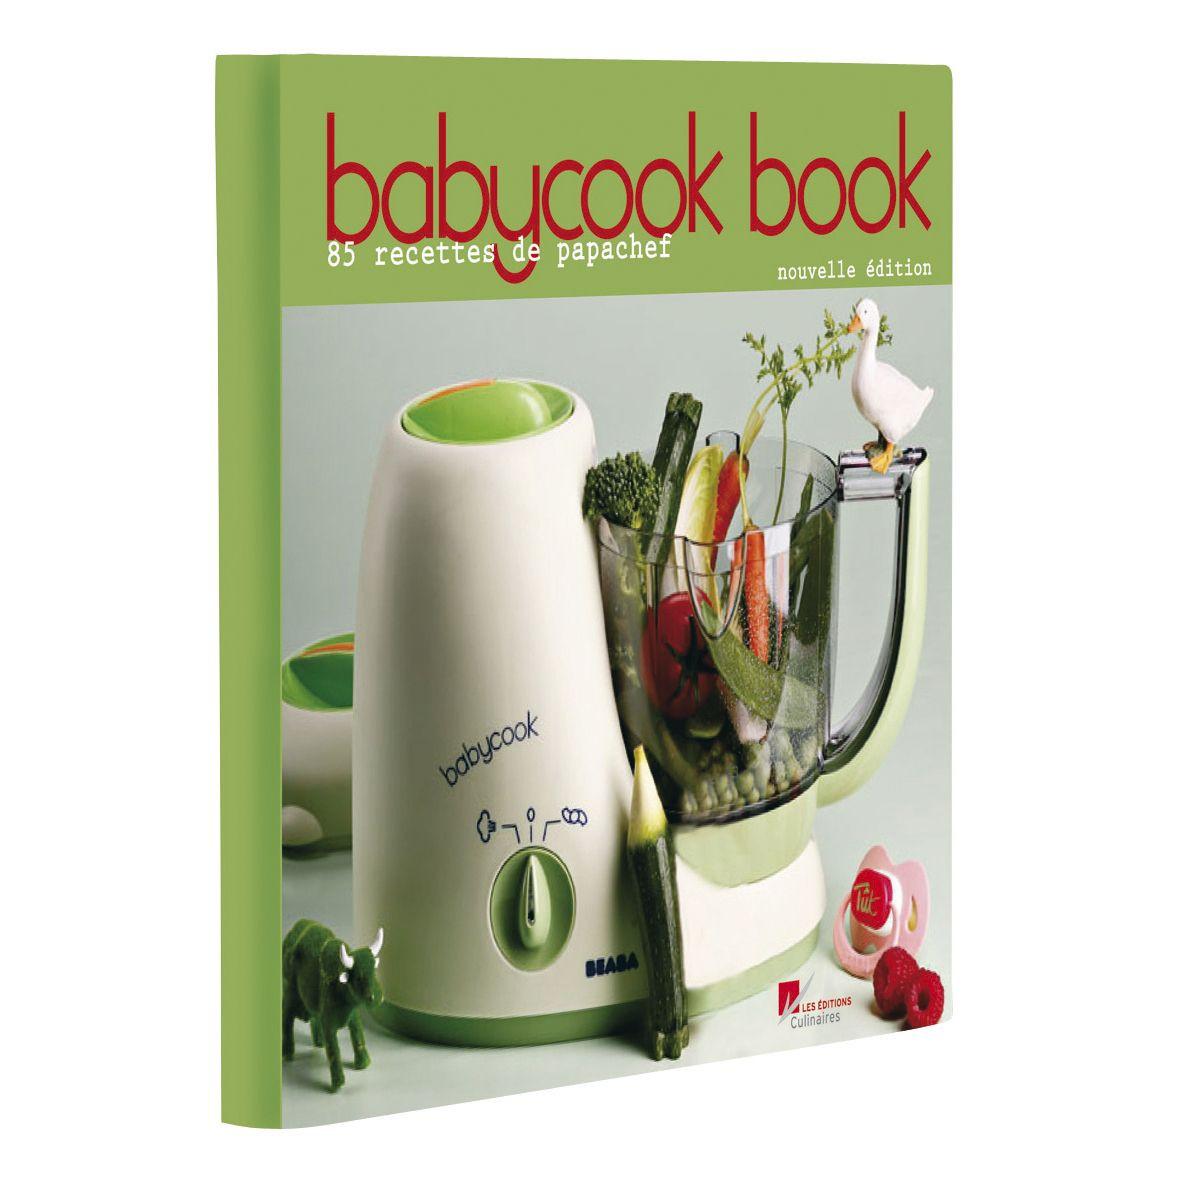 avis livre de recettes babycook beaba